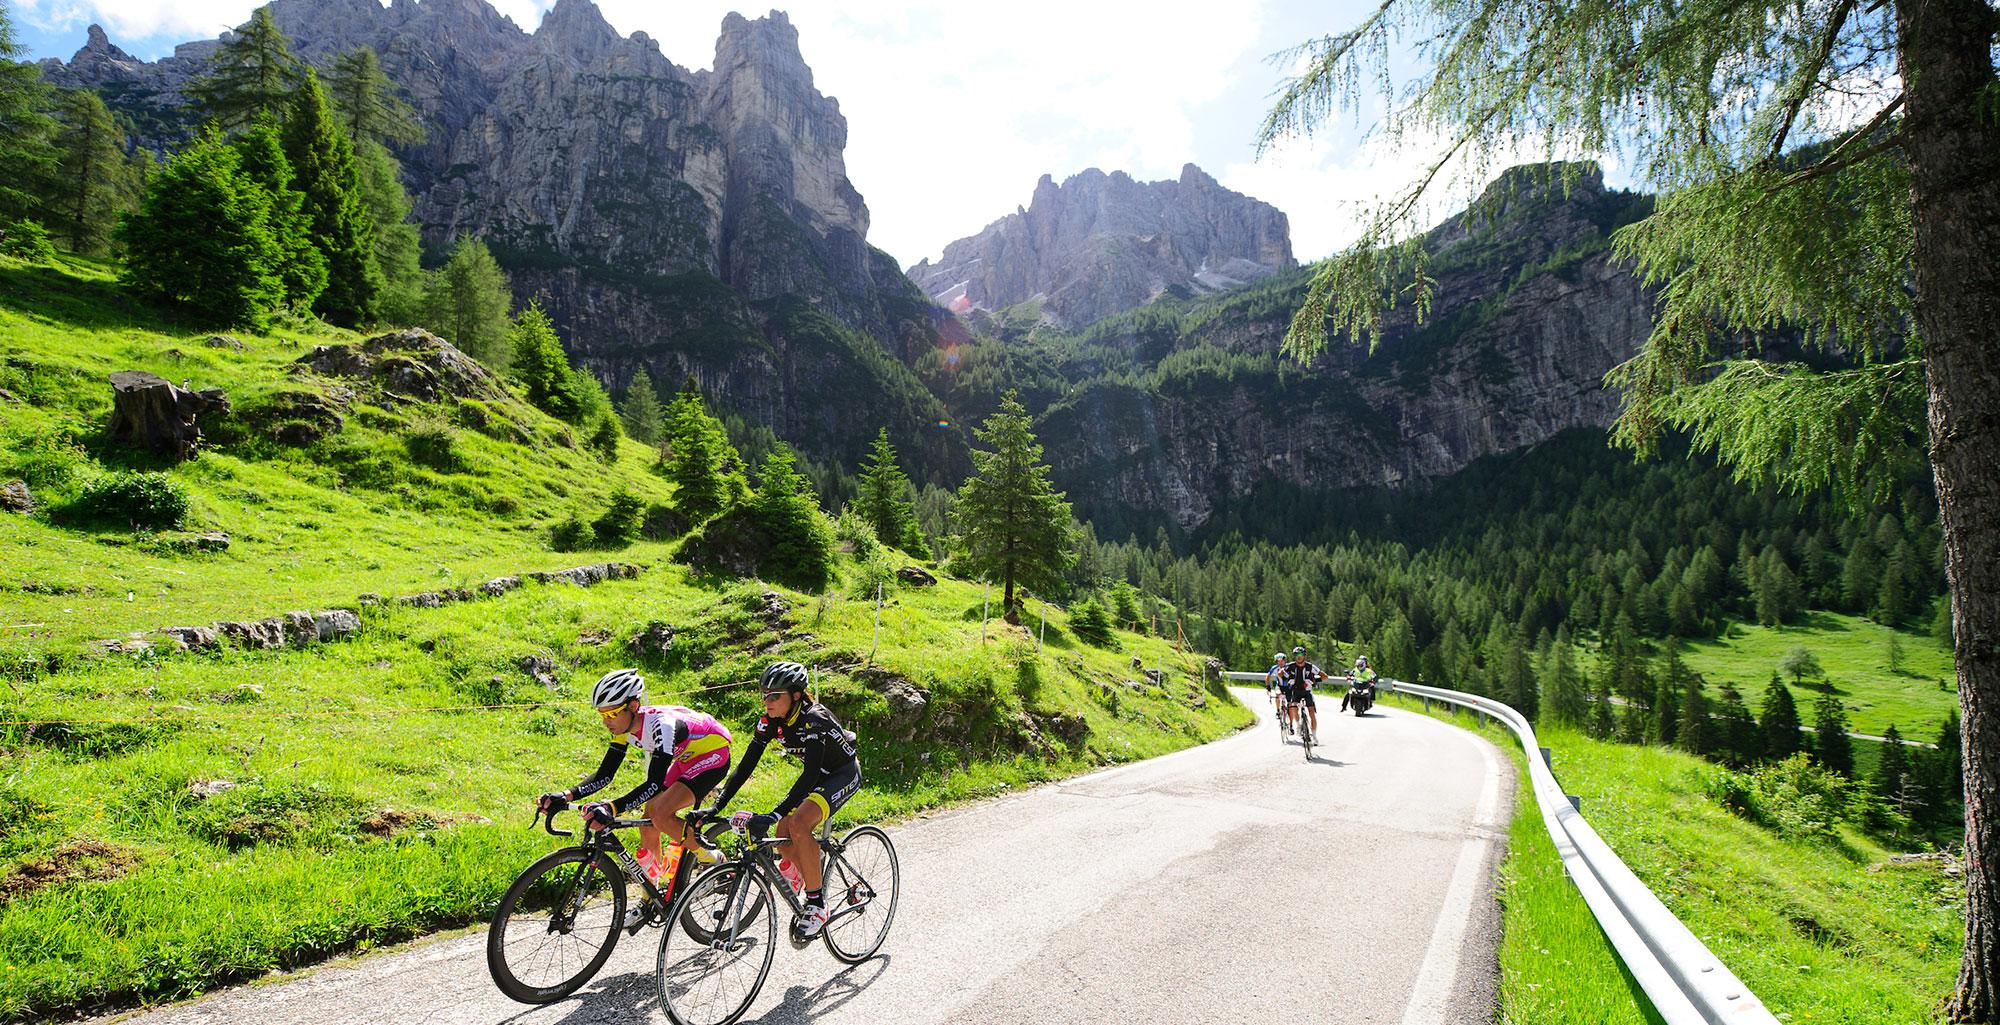 Il bellissimo paesaggio visibile dalla strada del passo della Mendola durante una gare di ciclismo femminile